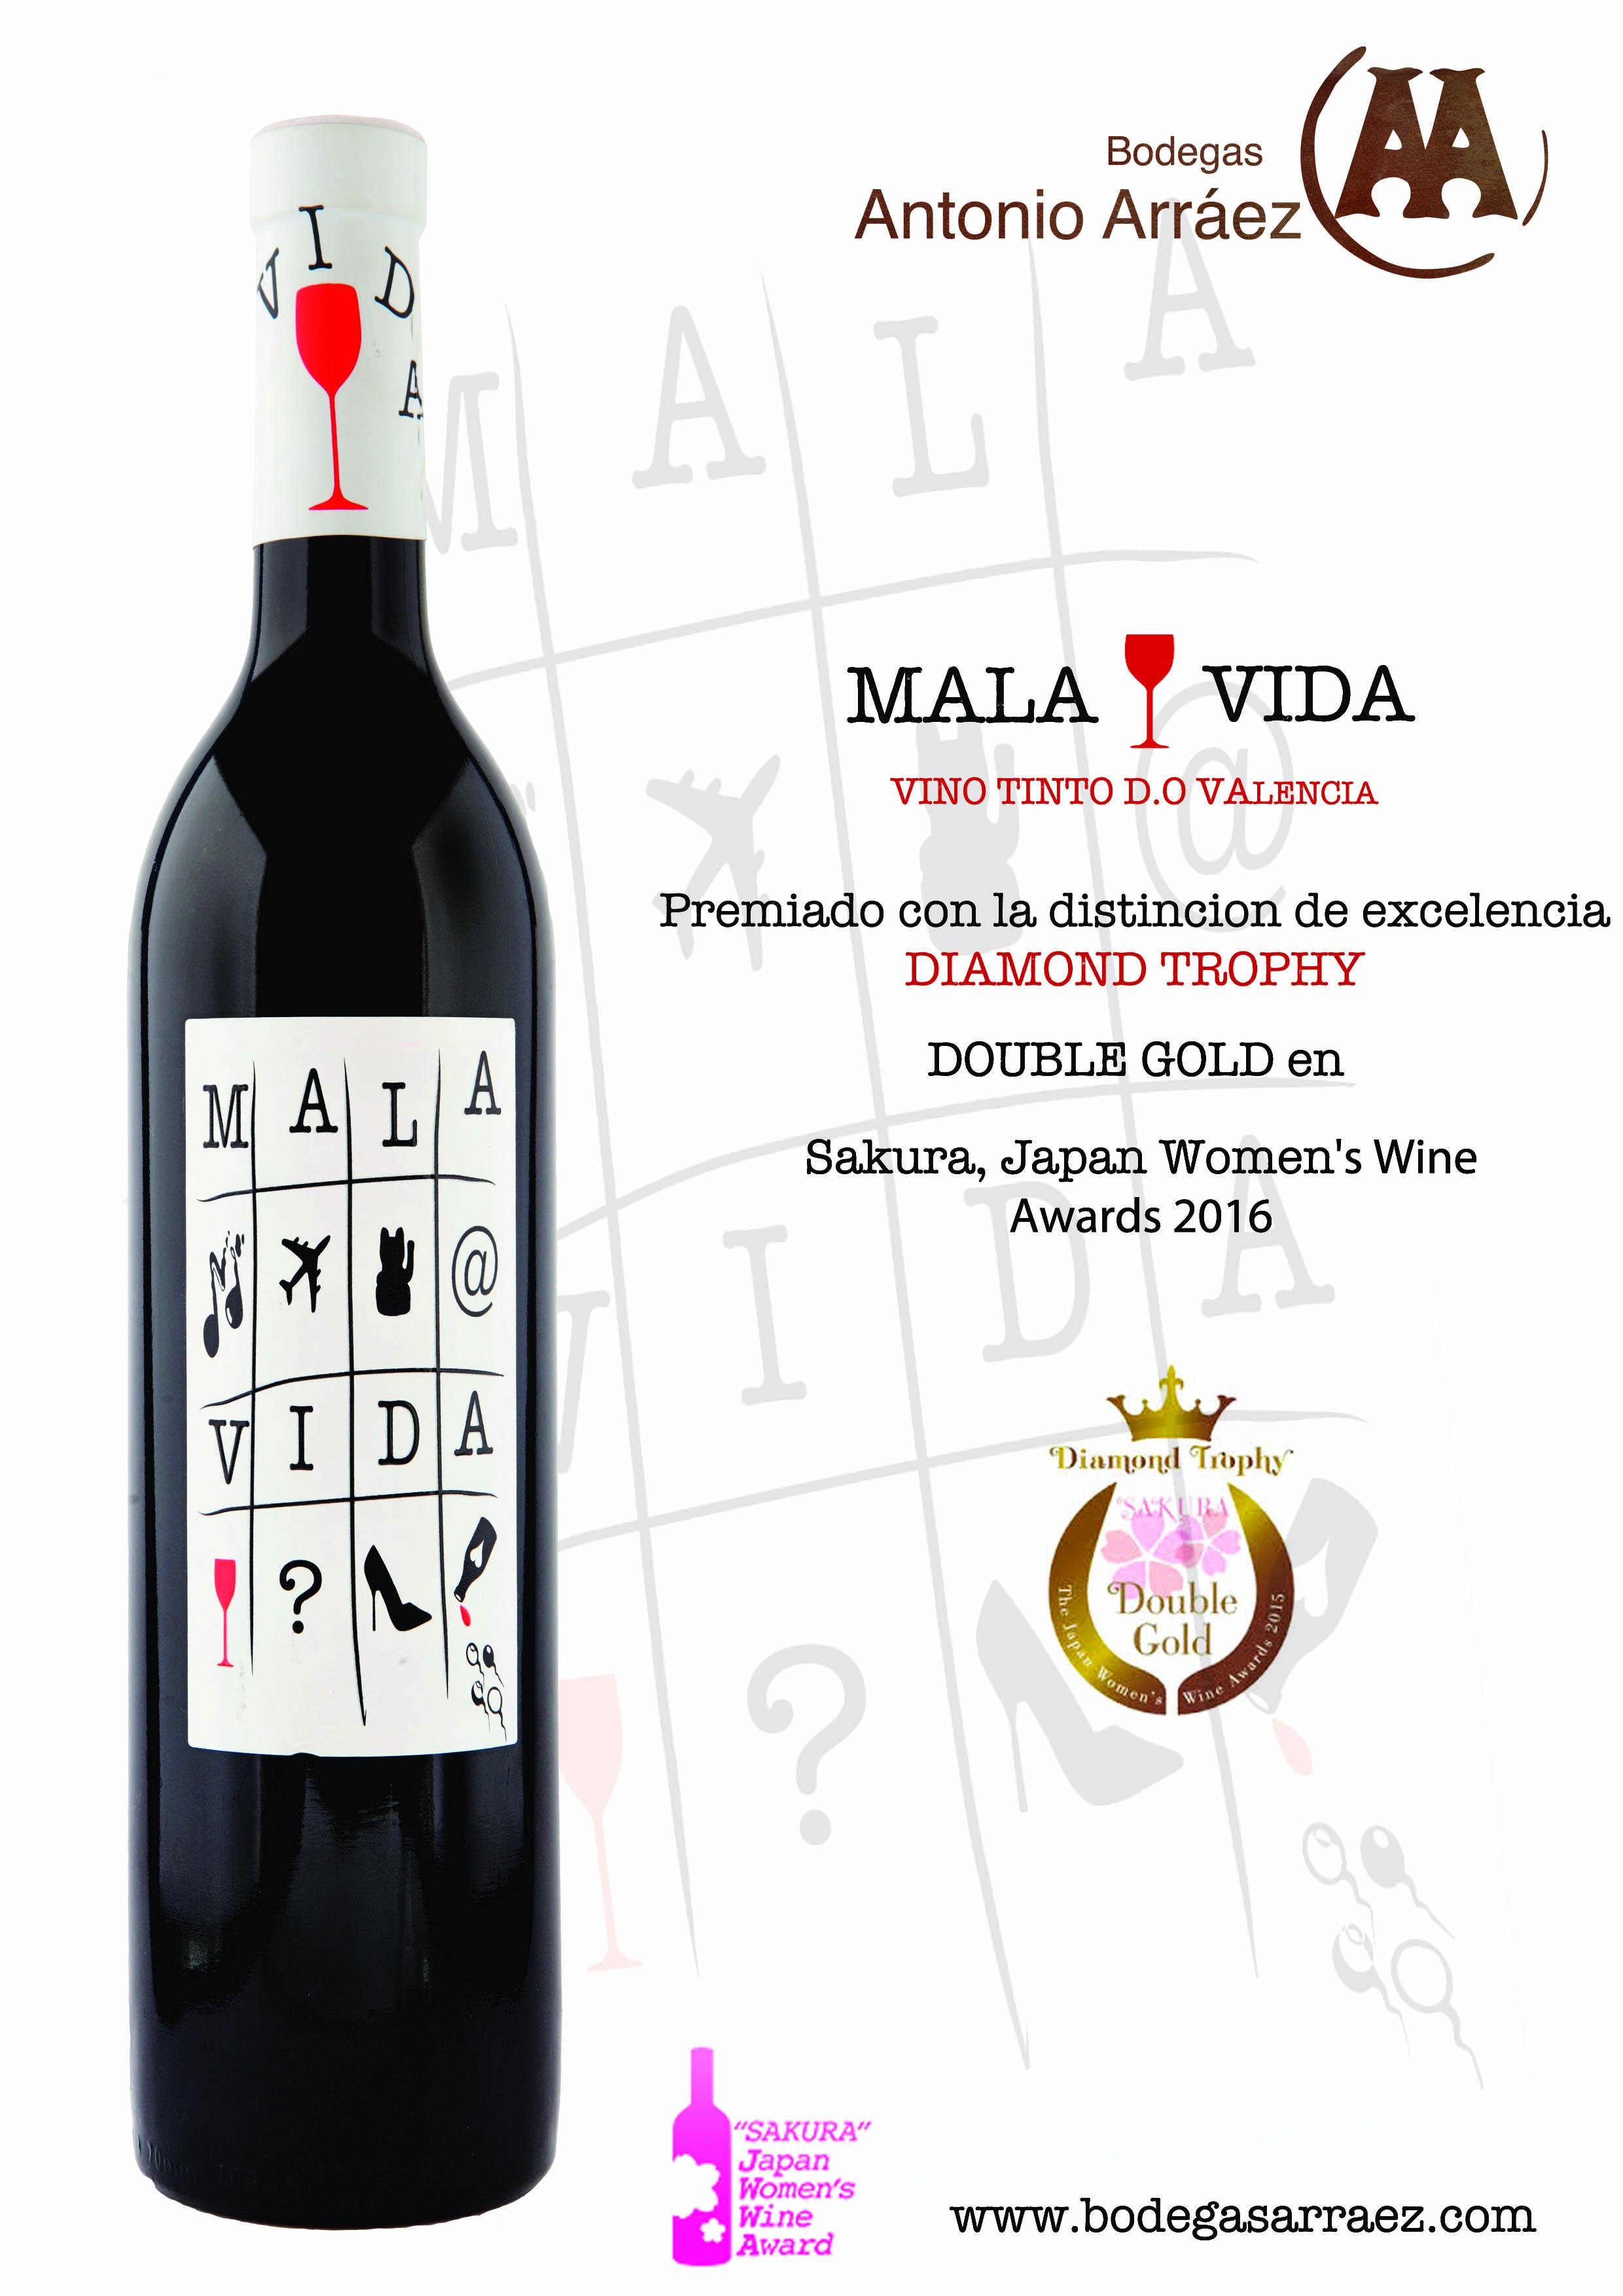 El vino, adscrito a la DOP Valencia, acaba de recibir el Diamond Trophy, máxima distinción de los Sakura